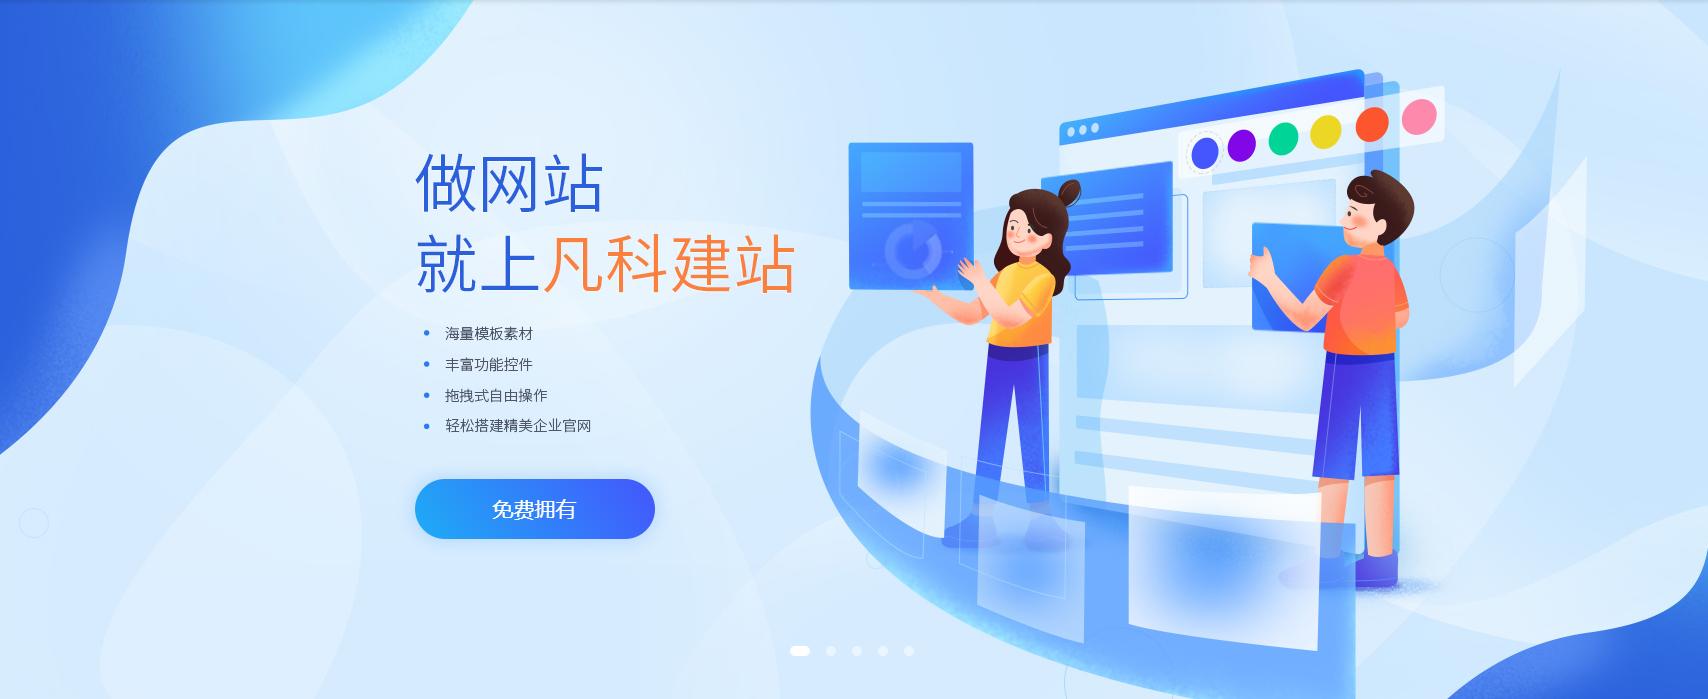 企业网站模板2